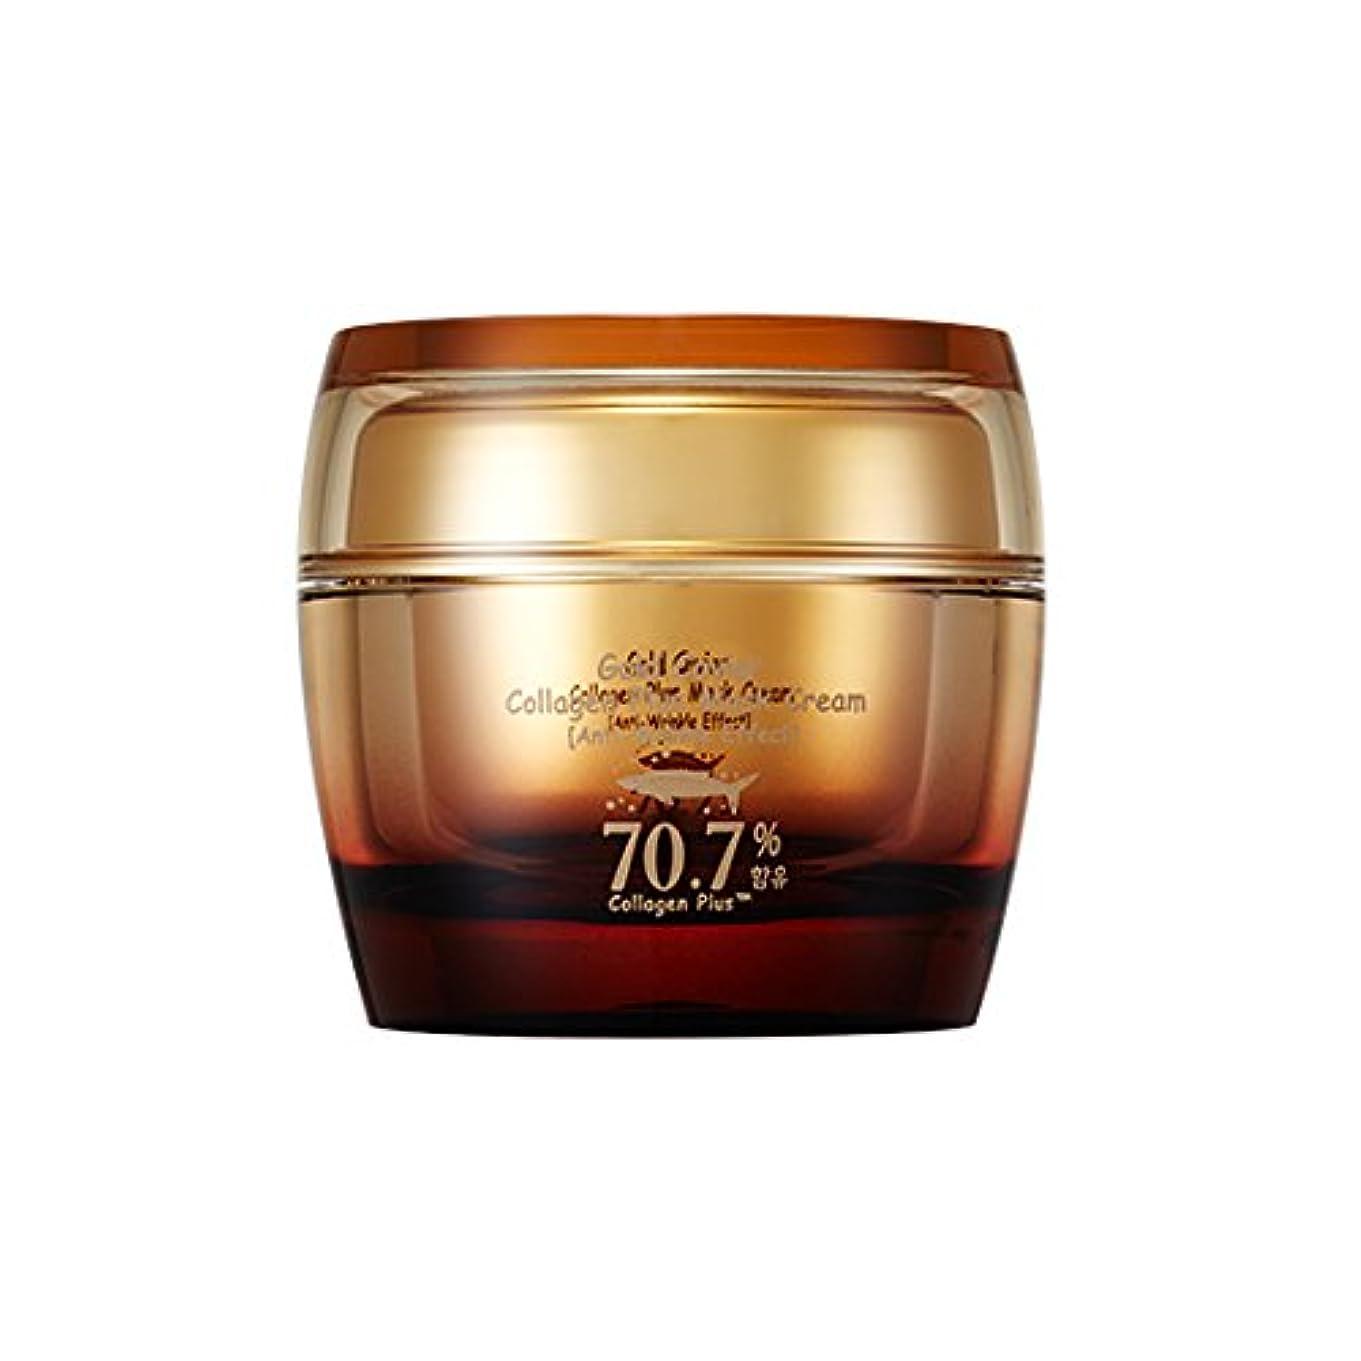 クラフト気取らないディスコSkinfood ゴールドキャビアコラーゲンプラスクリーム(しわ防止効果) / Gold Caviar Collagen Plus Cream (Anti-Wrinkle Effect) 50g [並行輸入品]